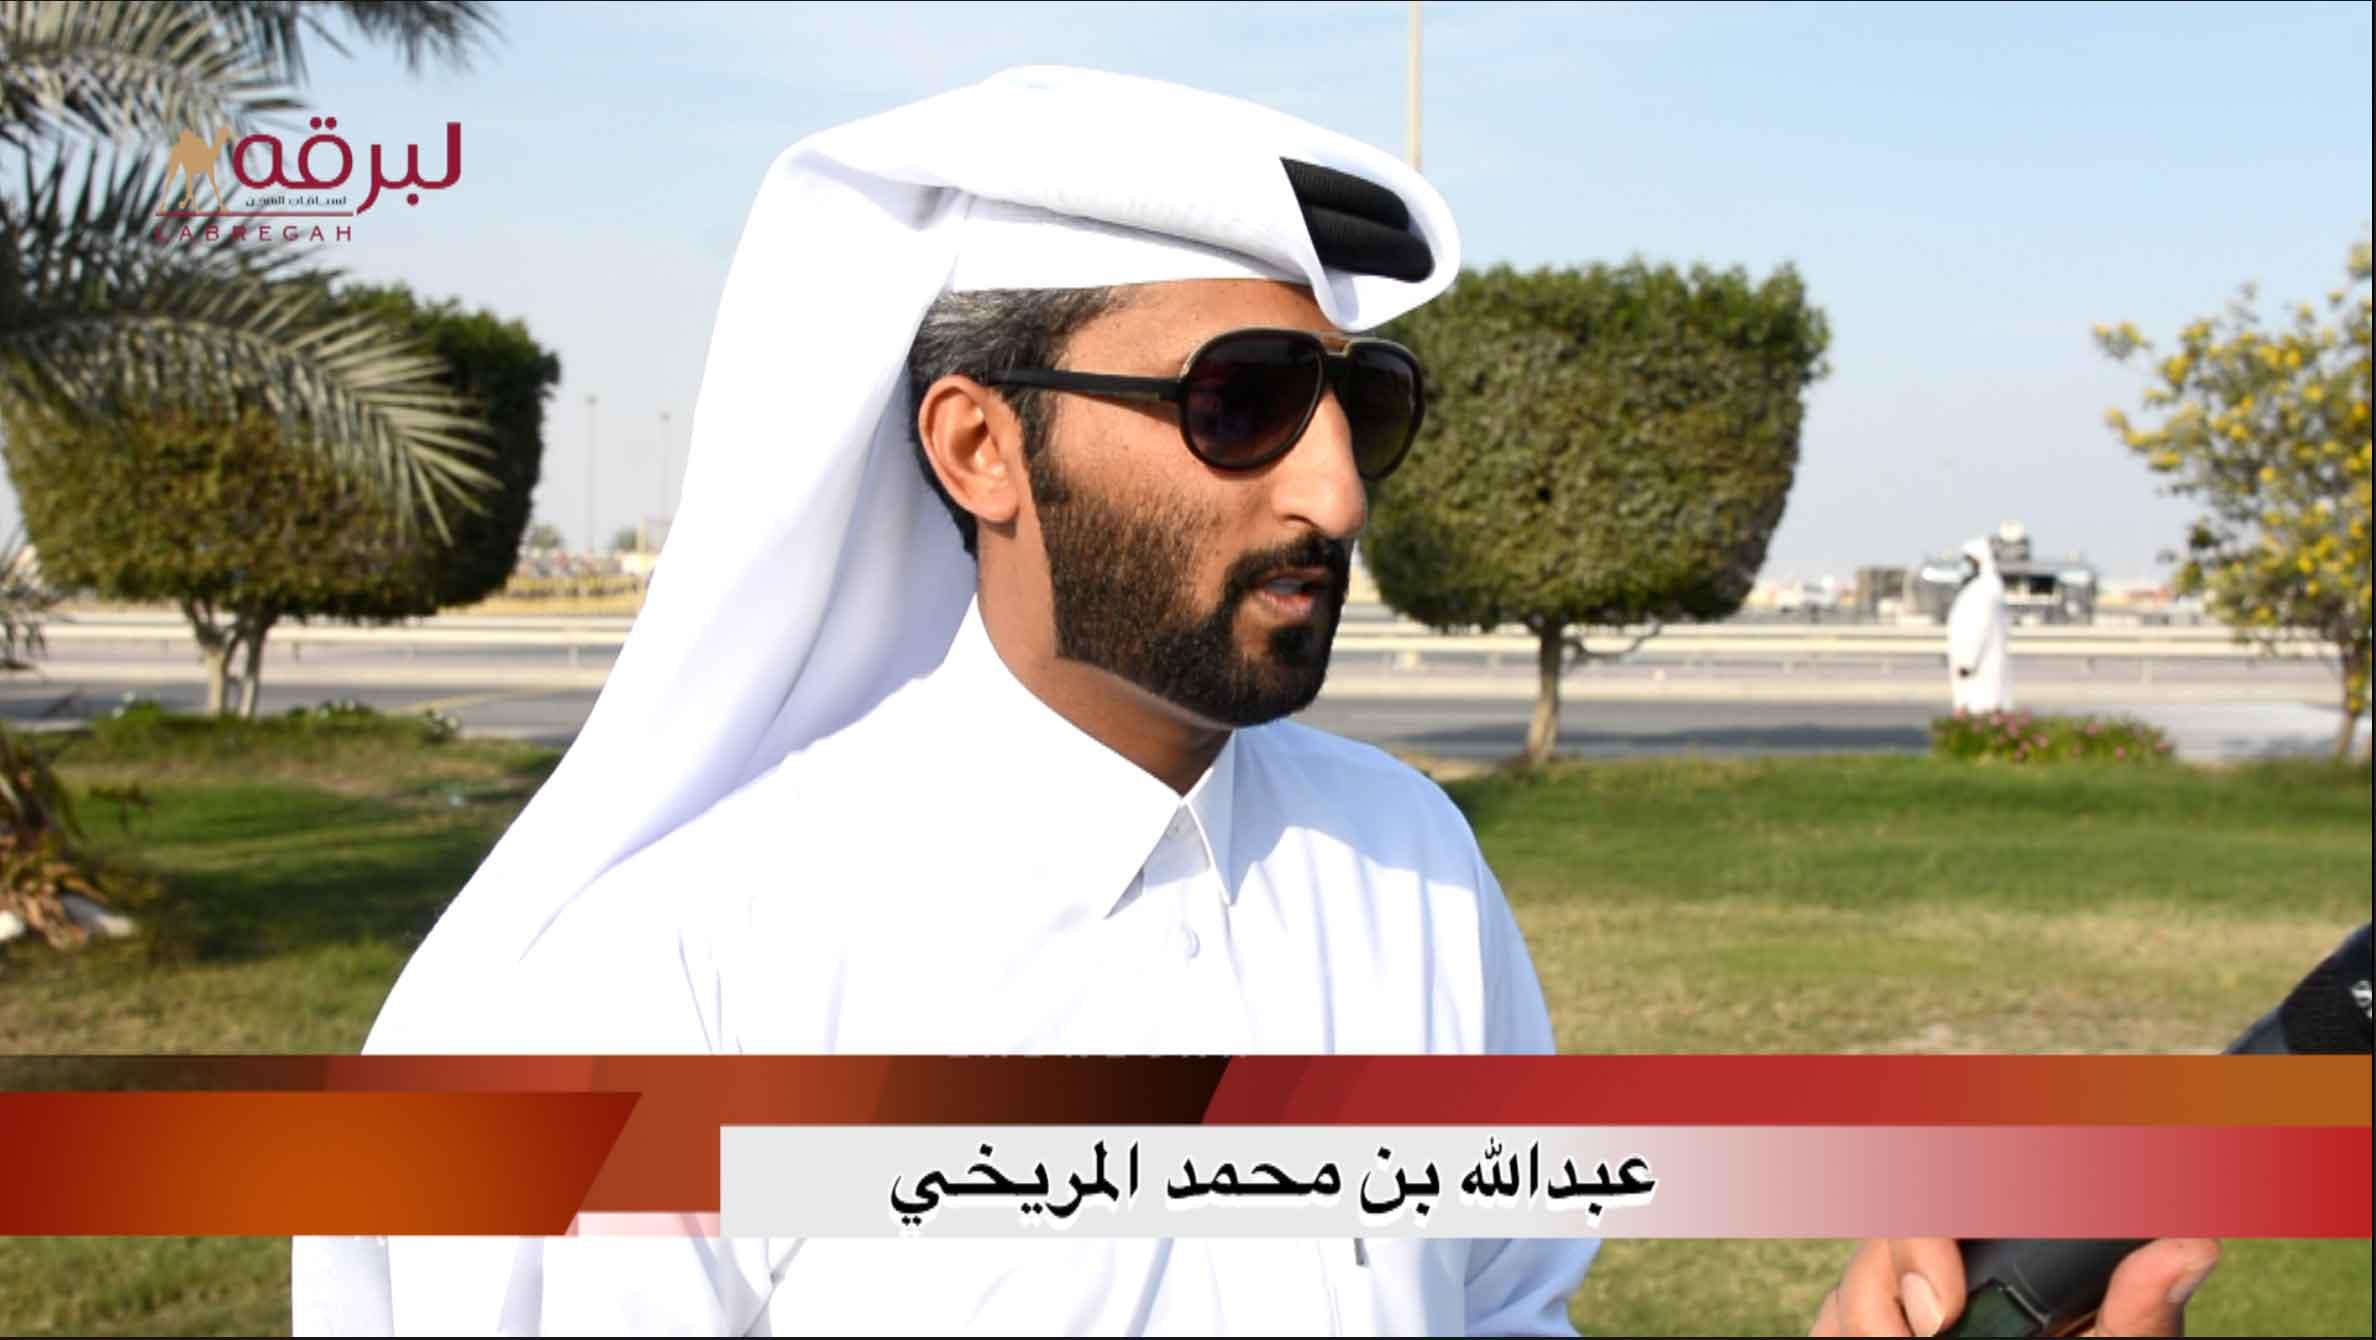 لقاء مع عبدالله بن محمد المريخي.. الشوط الرئيسي حقايق بكار « إنتاج » الأشواط العامة  ١١-٢-٢٠٢١